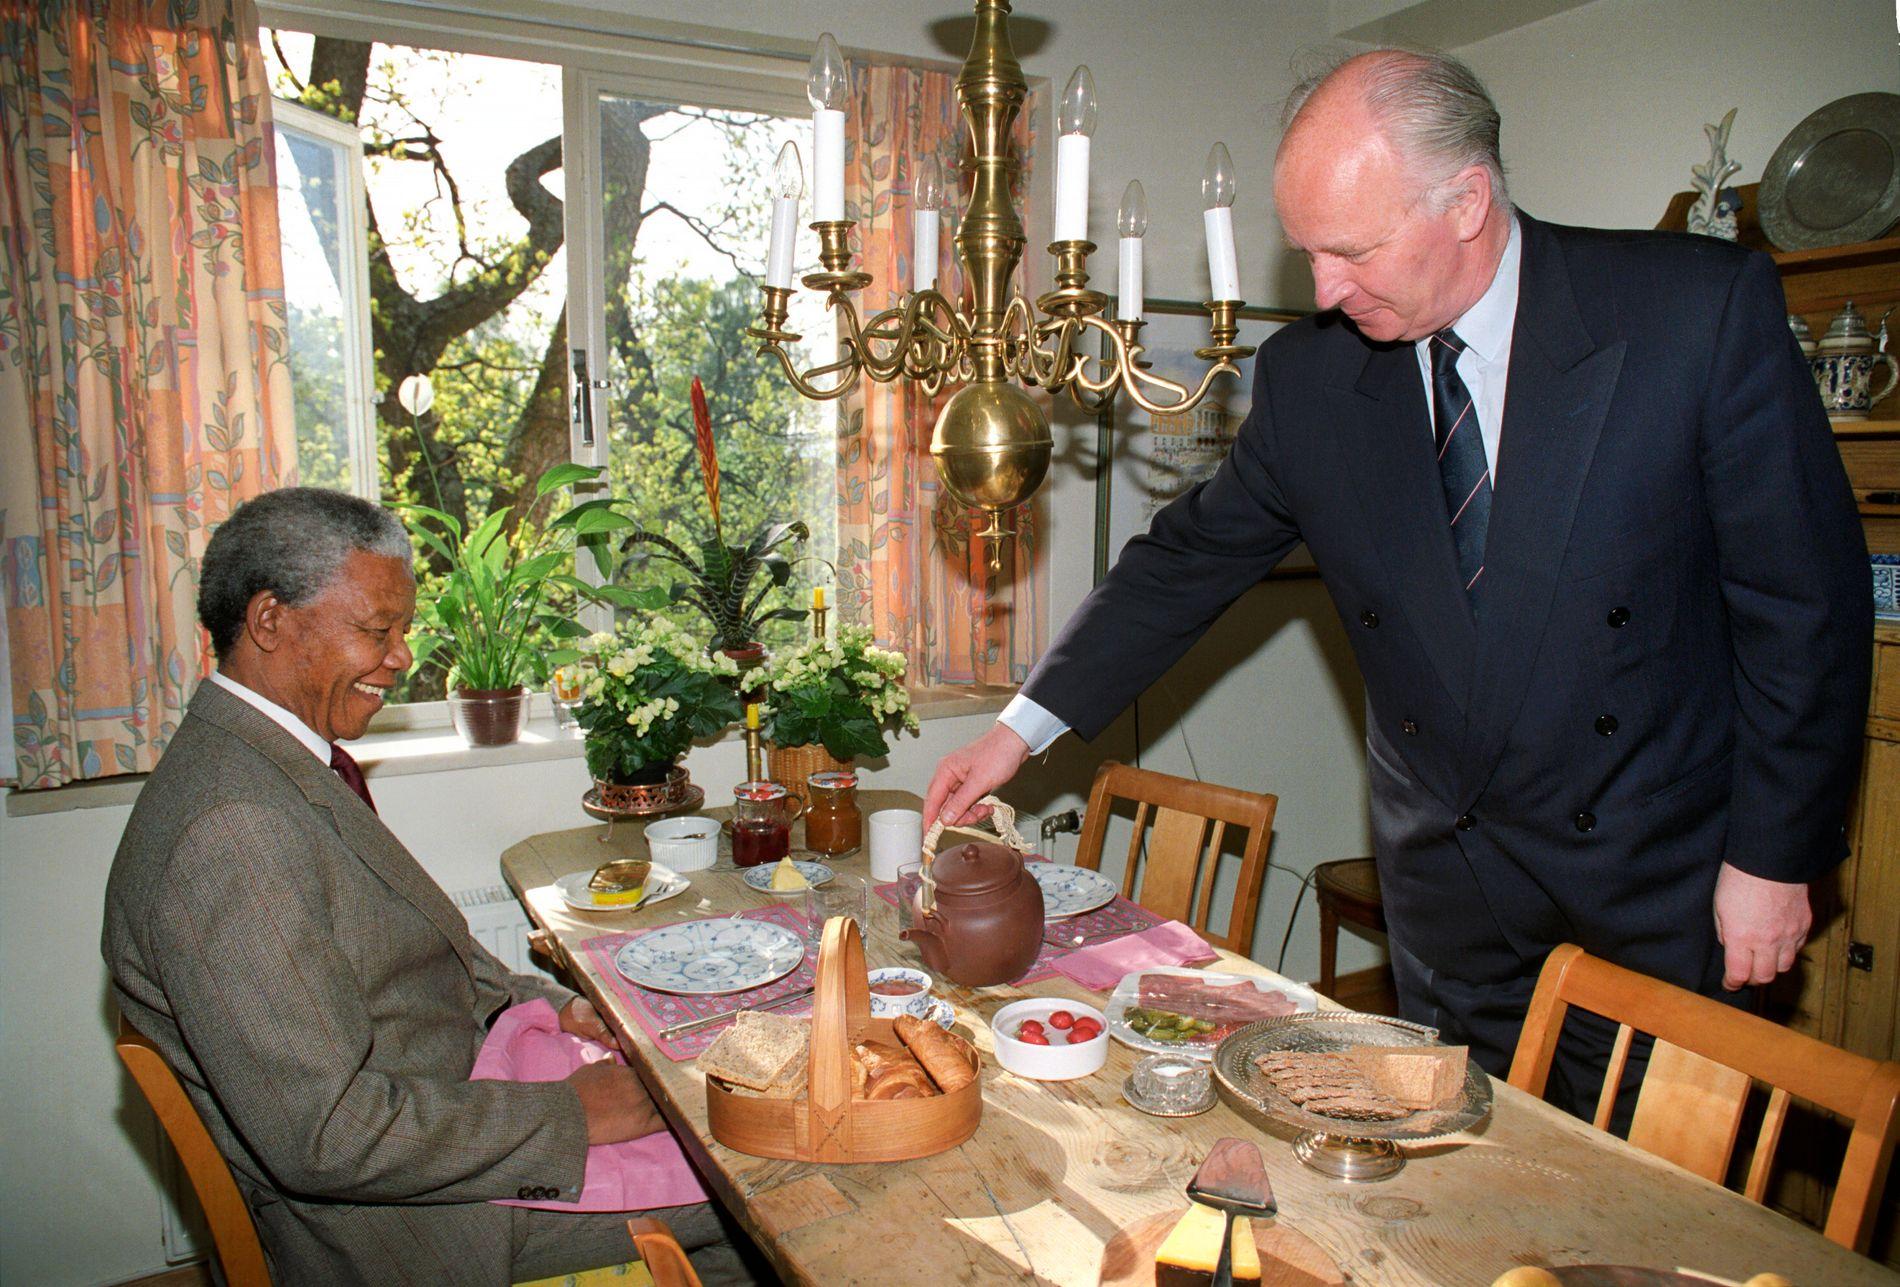 Nelson Mandela på kjøkkenbesøk hos daværende utenriksminister Thorvald Stoltenberg i Oslo i 1992, to år etter at den sørafrikanske statsmannen slapp fri fra sitt 28 år lange fengselsopphold.